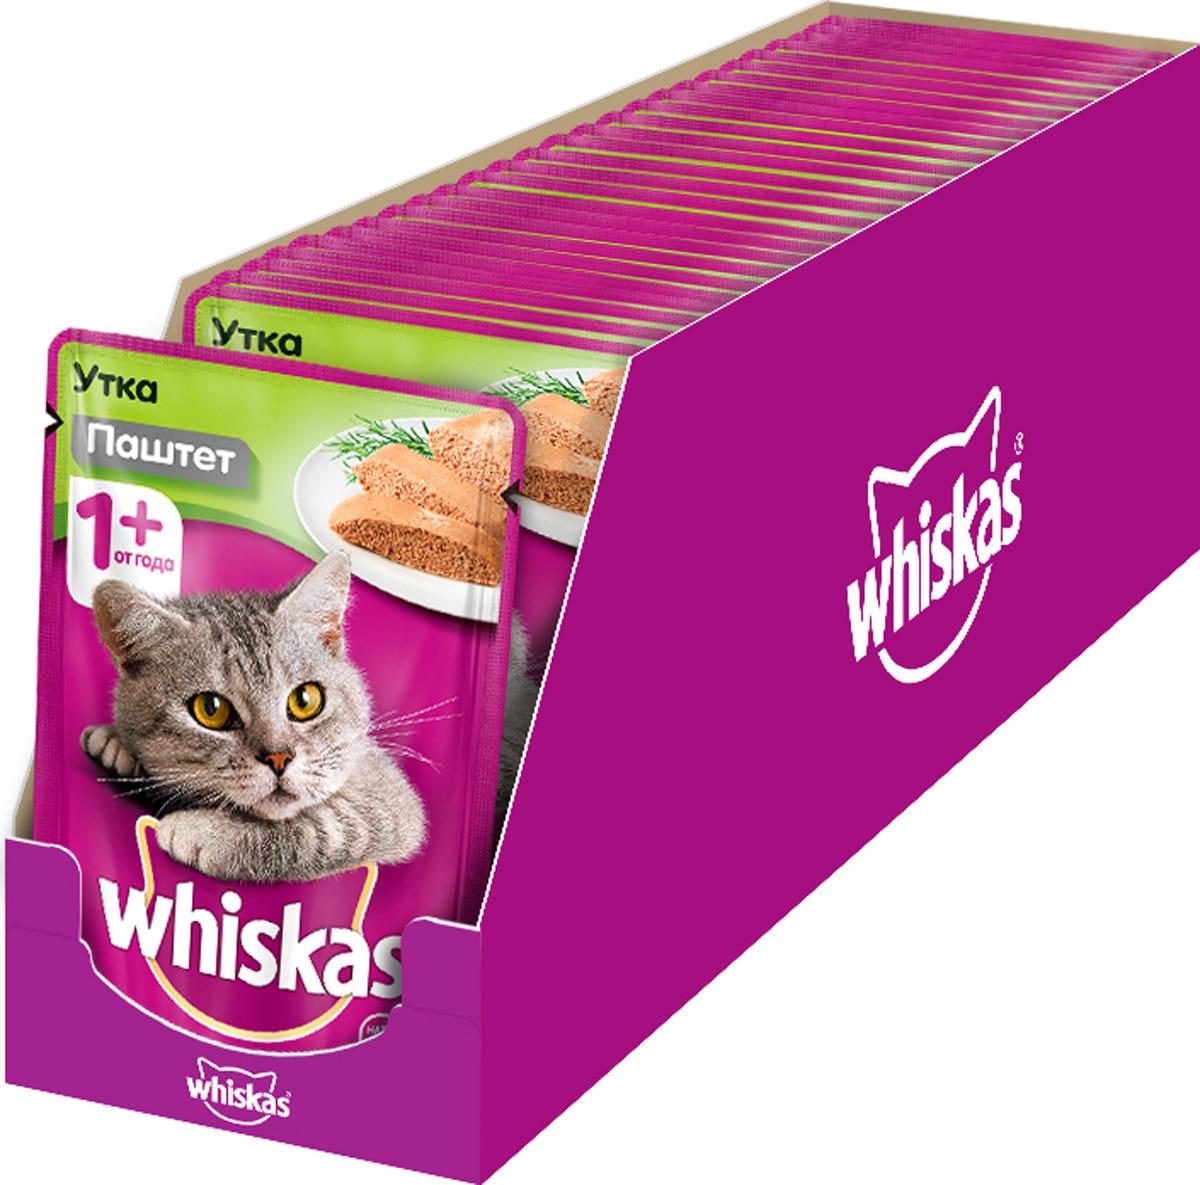 Консервы Whiskas для кошек от 1 года, паштет с уткой, 85 г х 24 шт консервы whiskas для кошек от 1 года мясной паштет из говядины с печенью 85 г х 24 шт